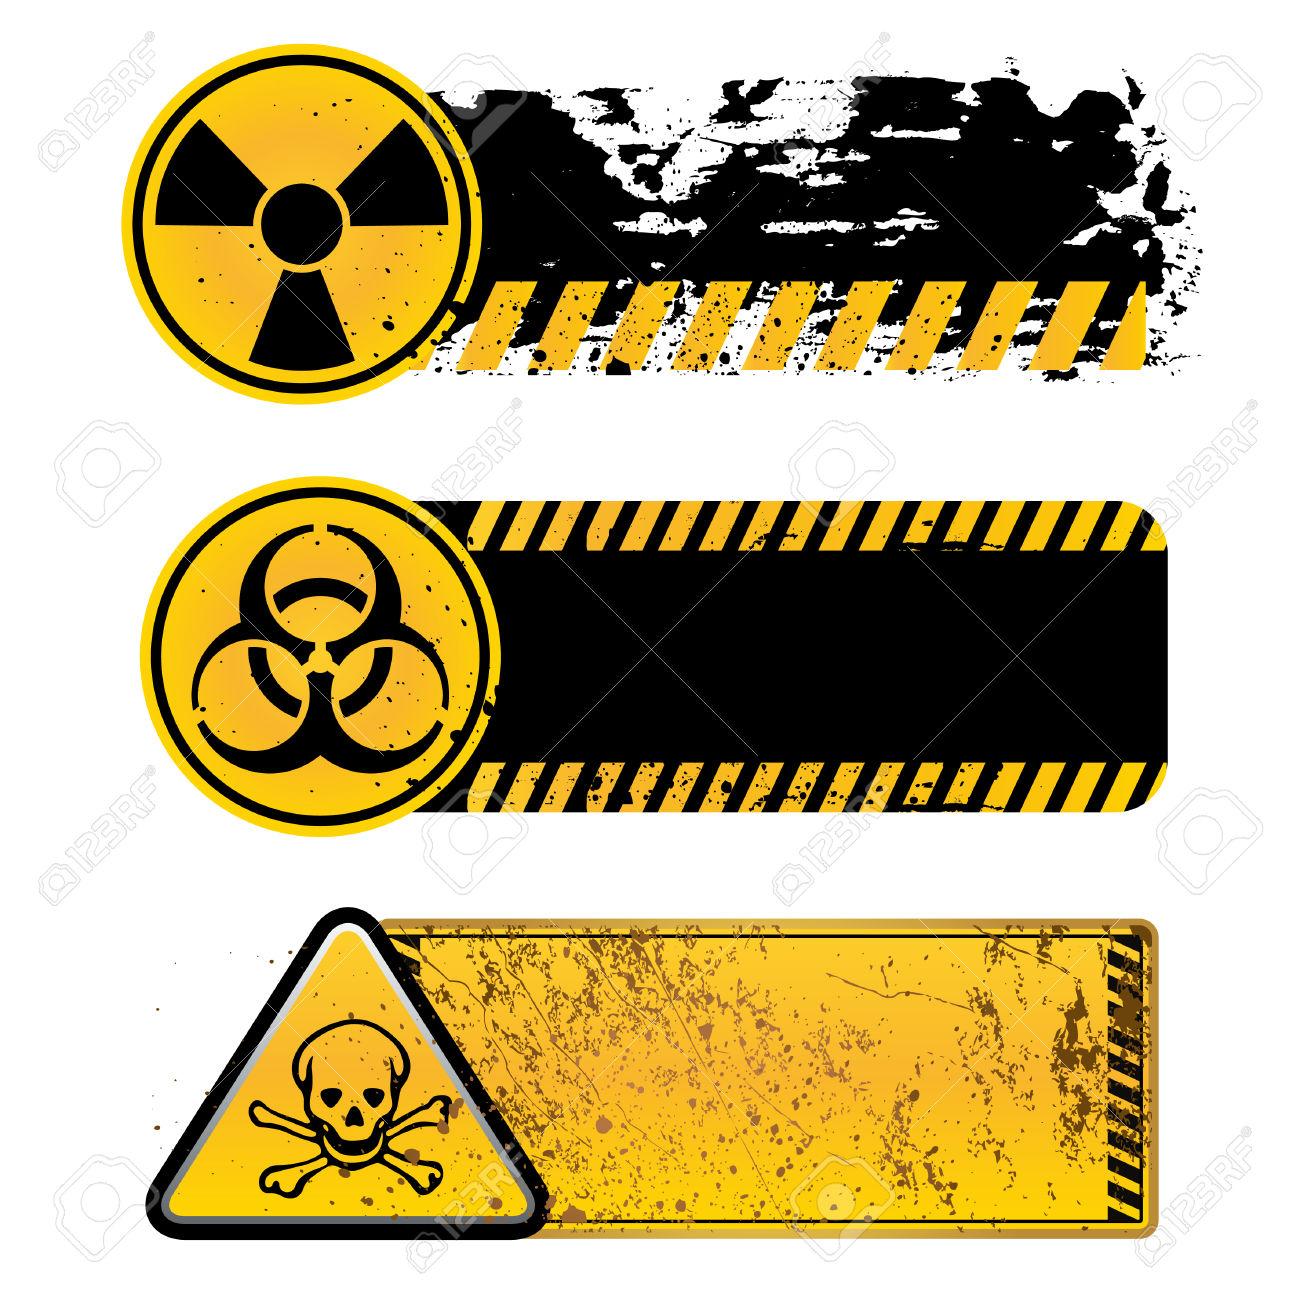 Danger Warning.